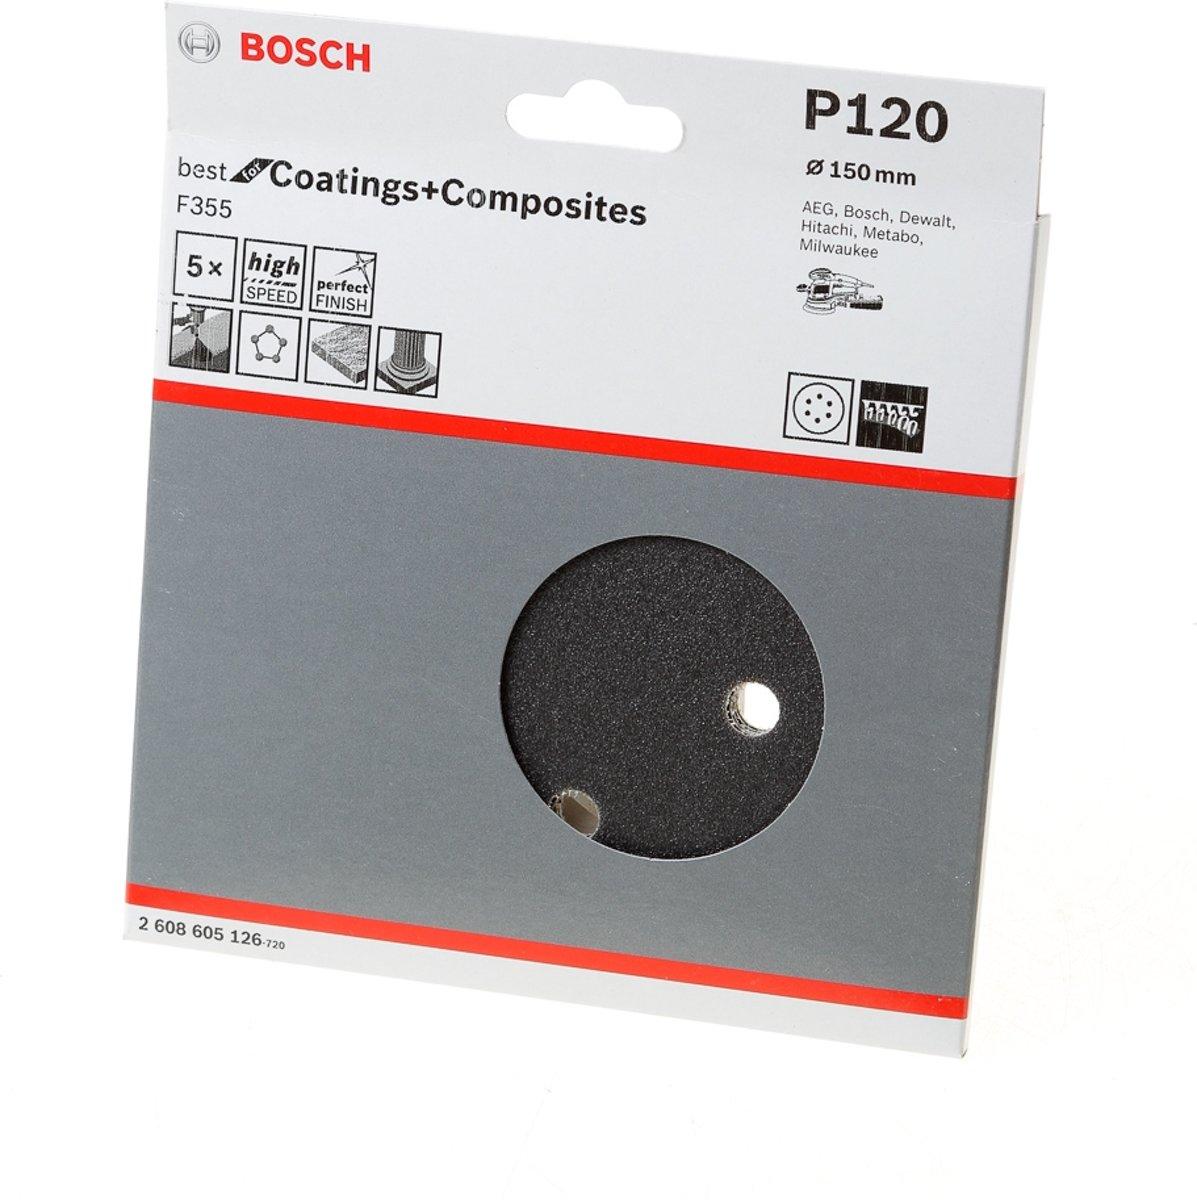 Bosch Schuurschijf coating and composites diameter 150mm K120 blister van 5 schijven kopen